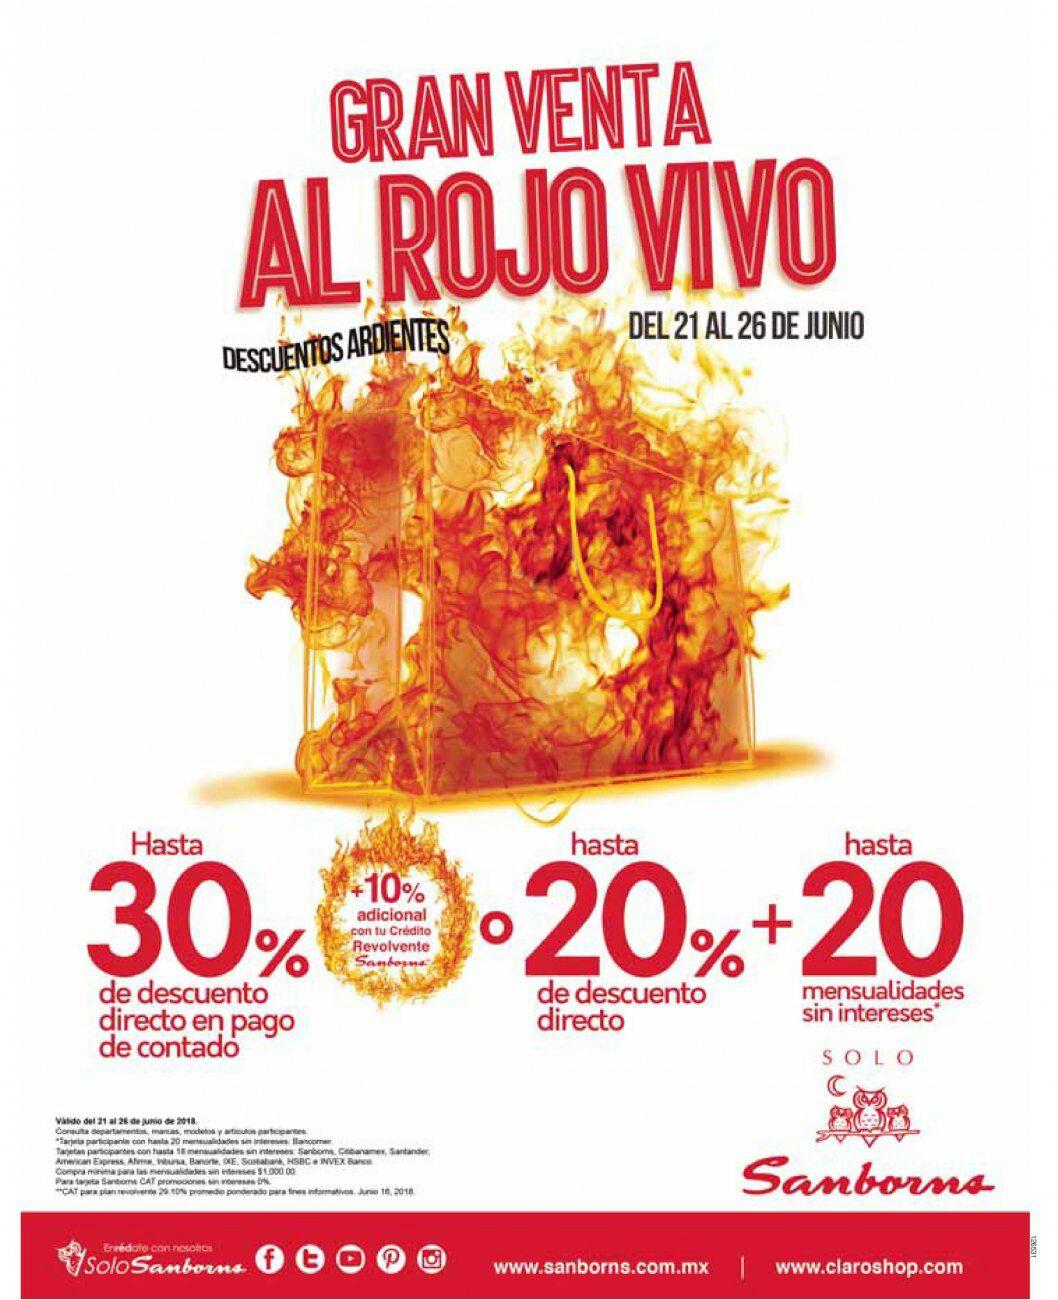 Sanborns: Gran Venta al Rojo Vivo: Hasta 30% desc. directo en pago de contado + 10% adicional con crédito revolvente Saborns ó hasta 20% desc. directo + hasta 20 MSI